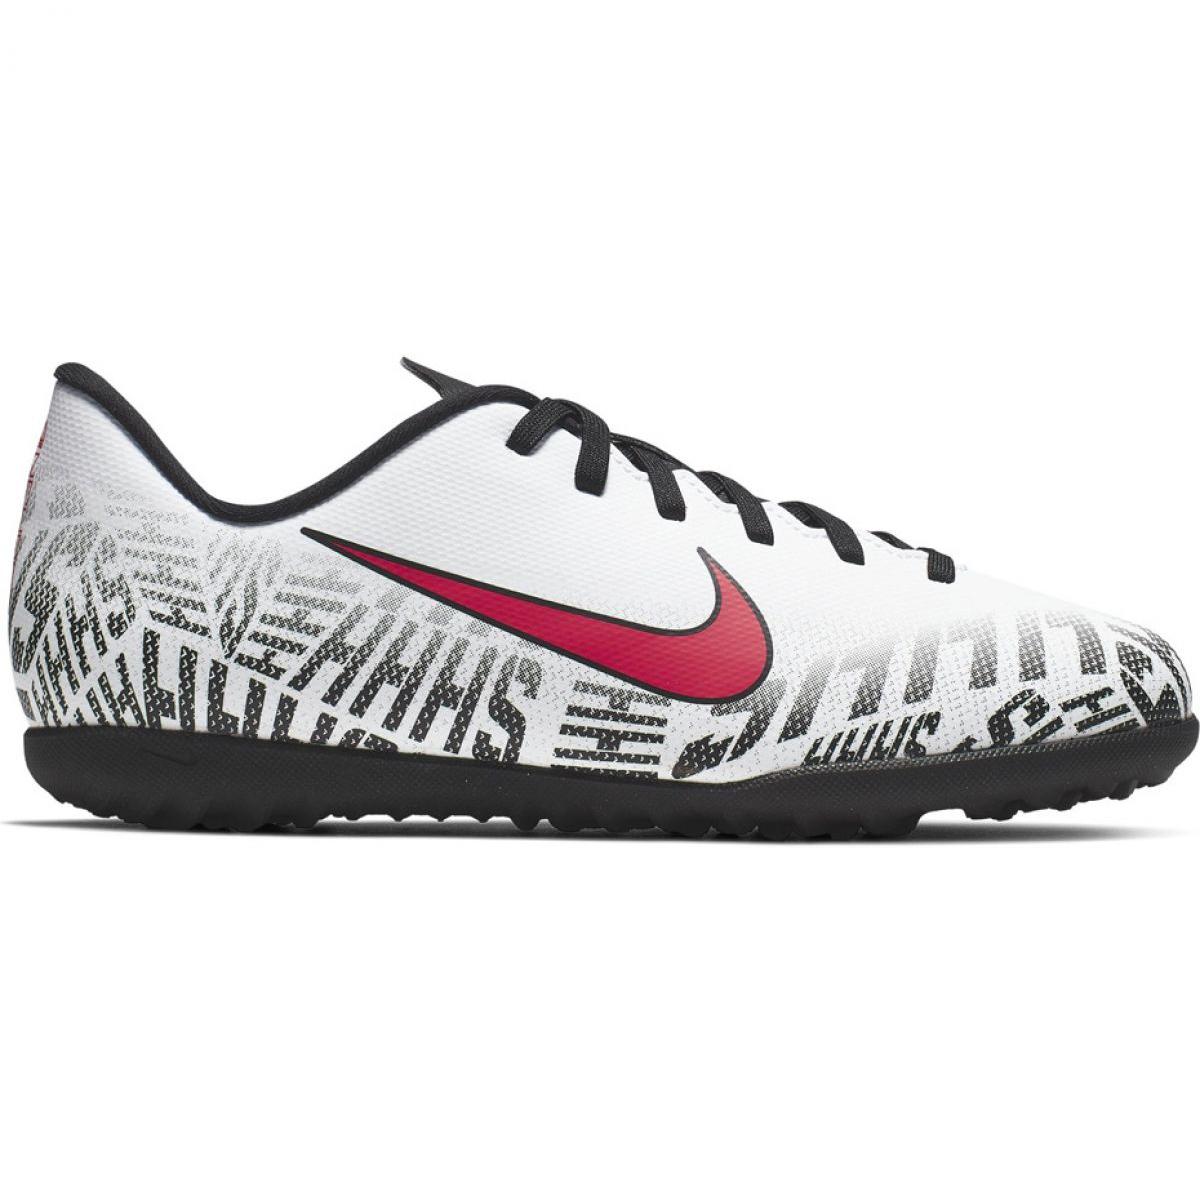 Nike Mercurial Neymar Vapor 12 Club Tf Jr Av4764 170 Fussballschuhe Weiss Weiss